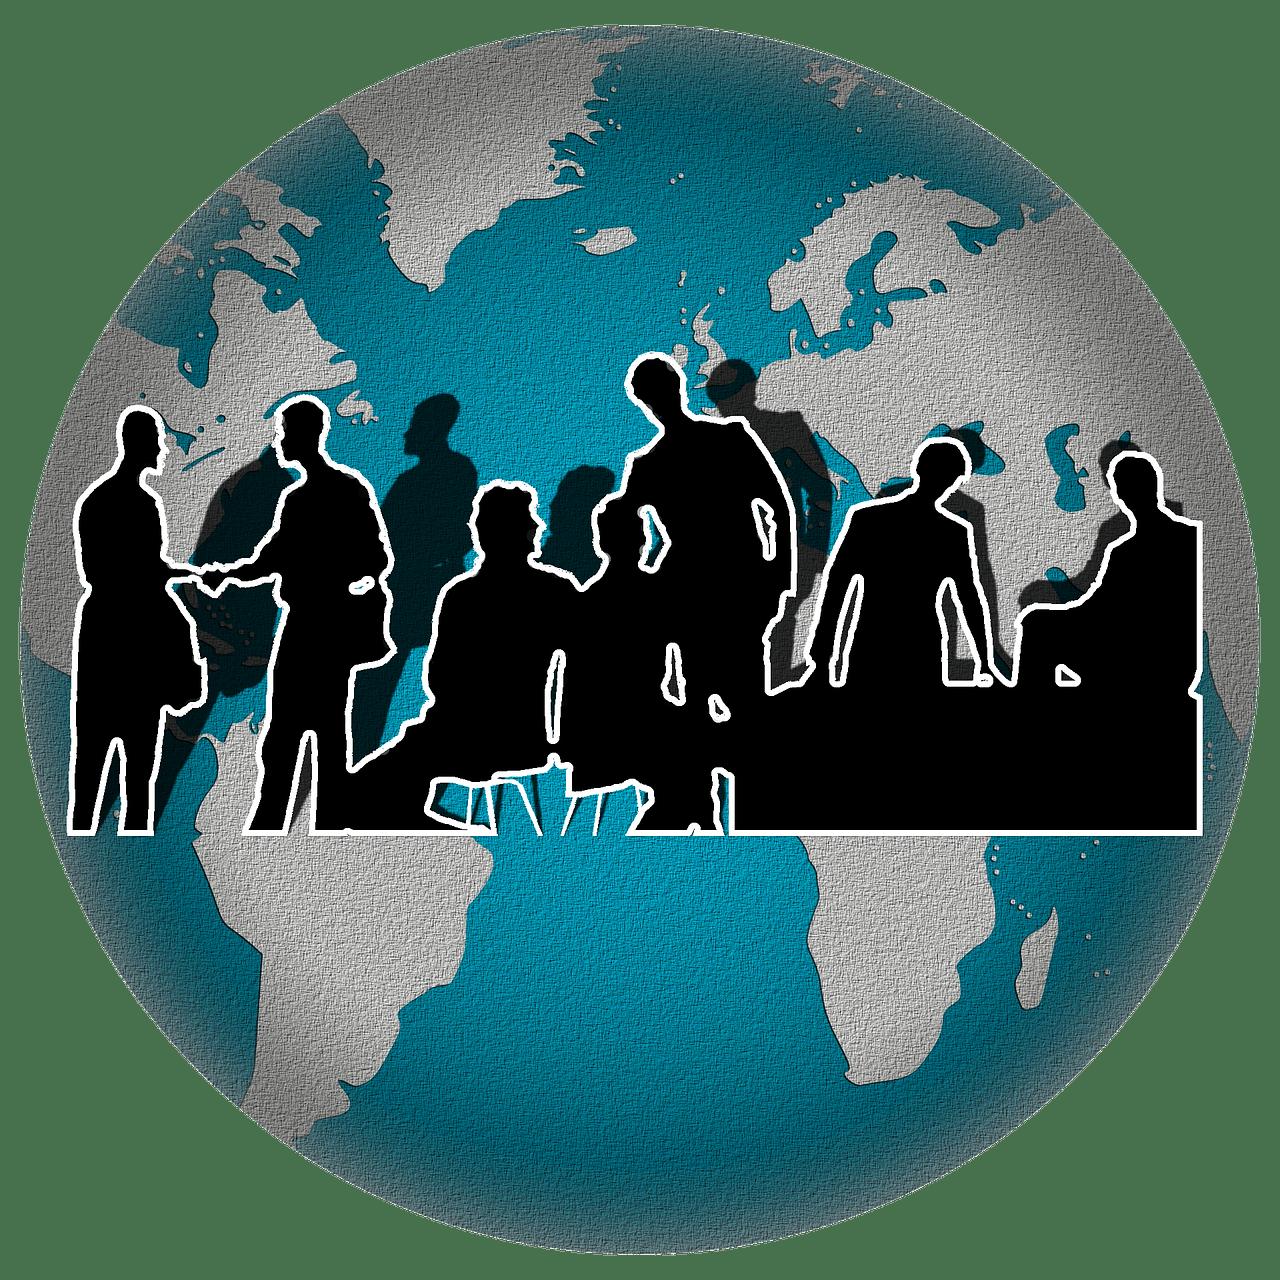 Vogliainternazionalizzazione